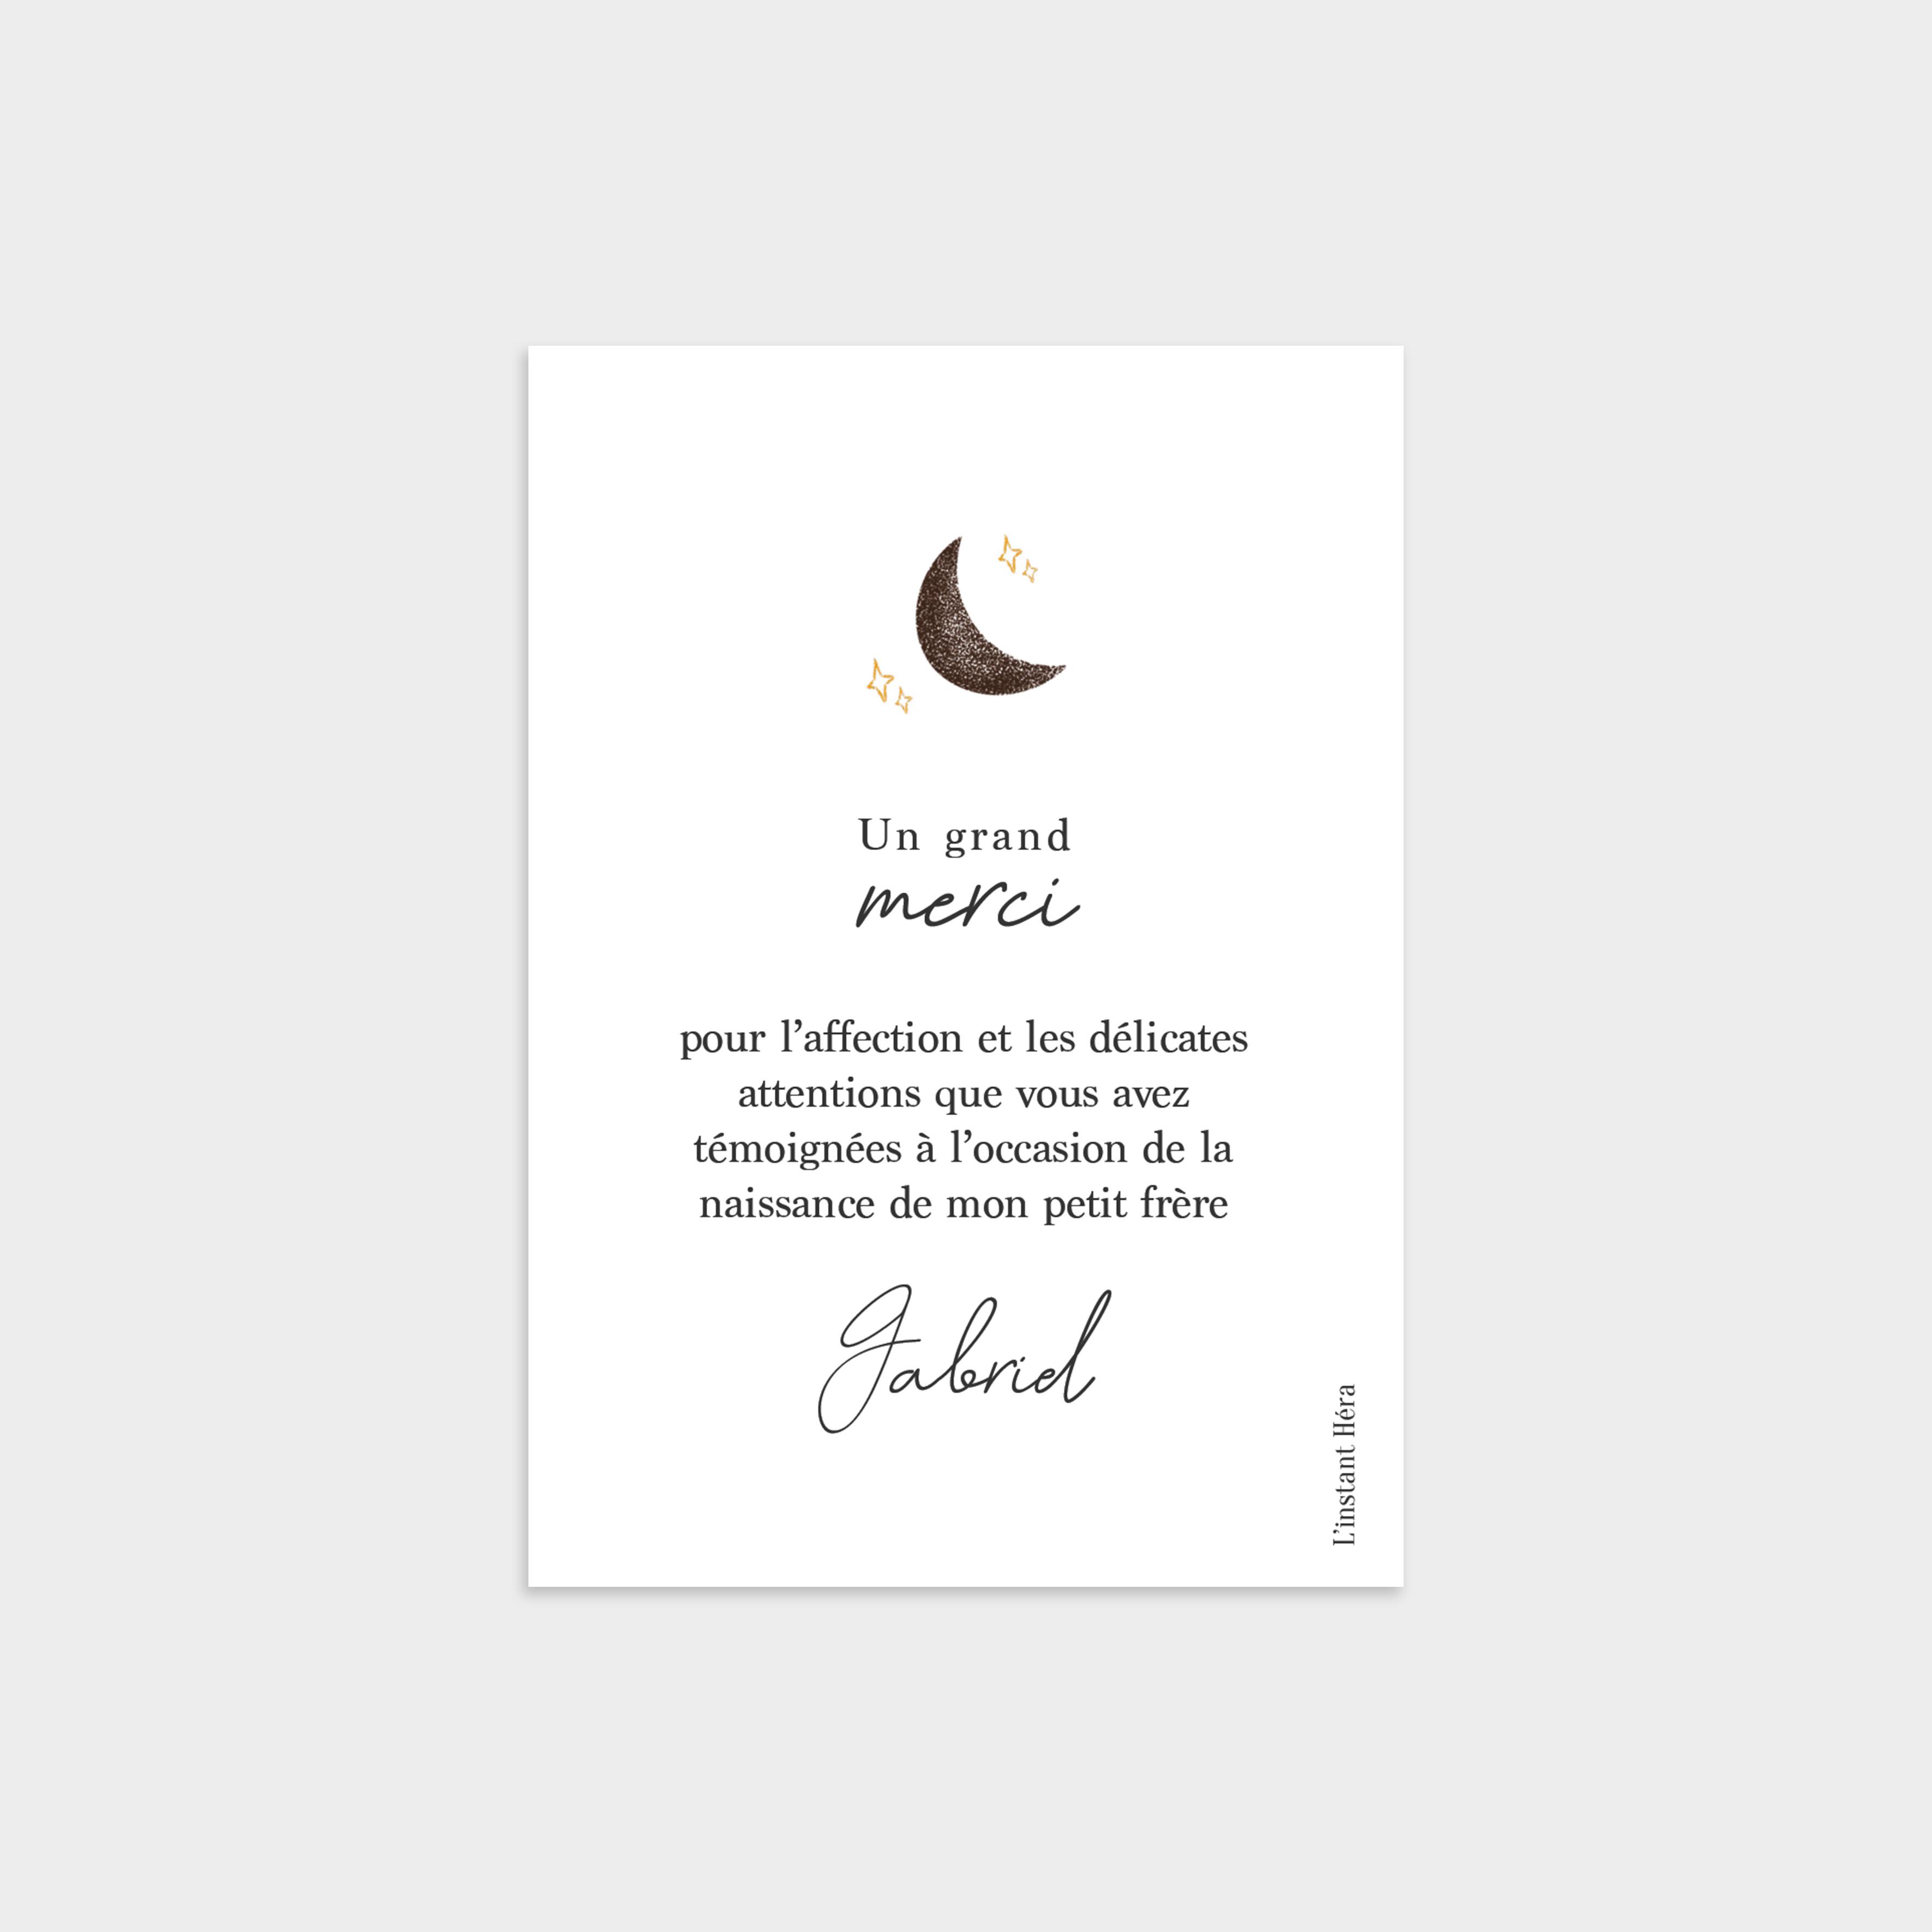 Remerciement Au clair de lune verso